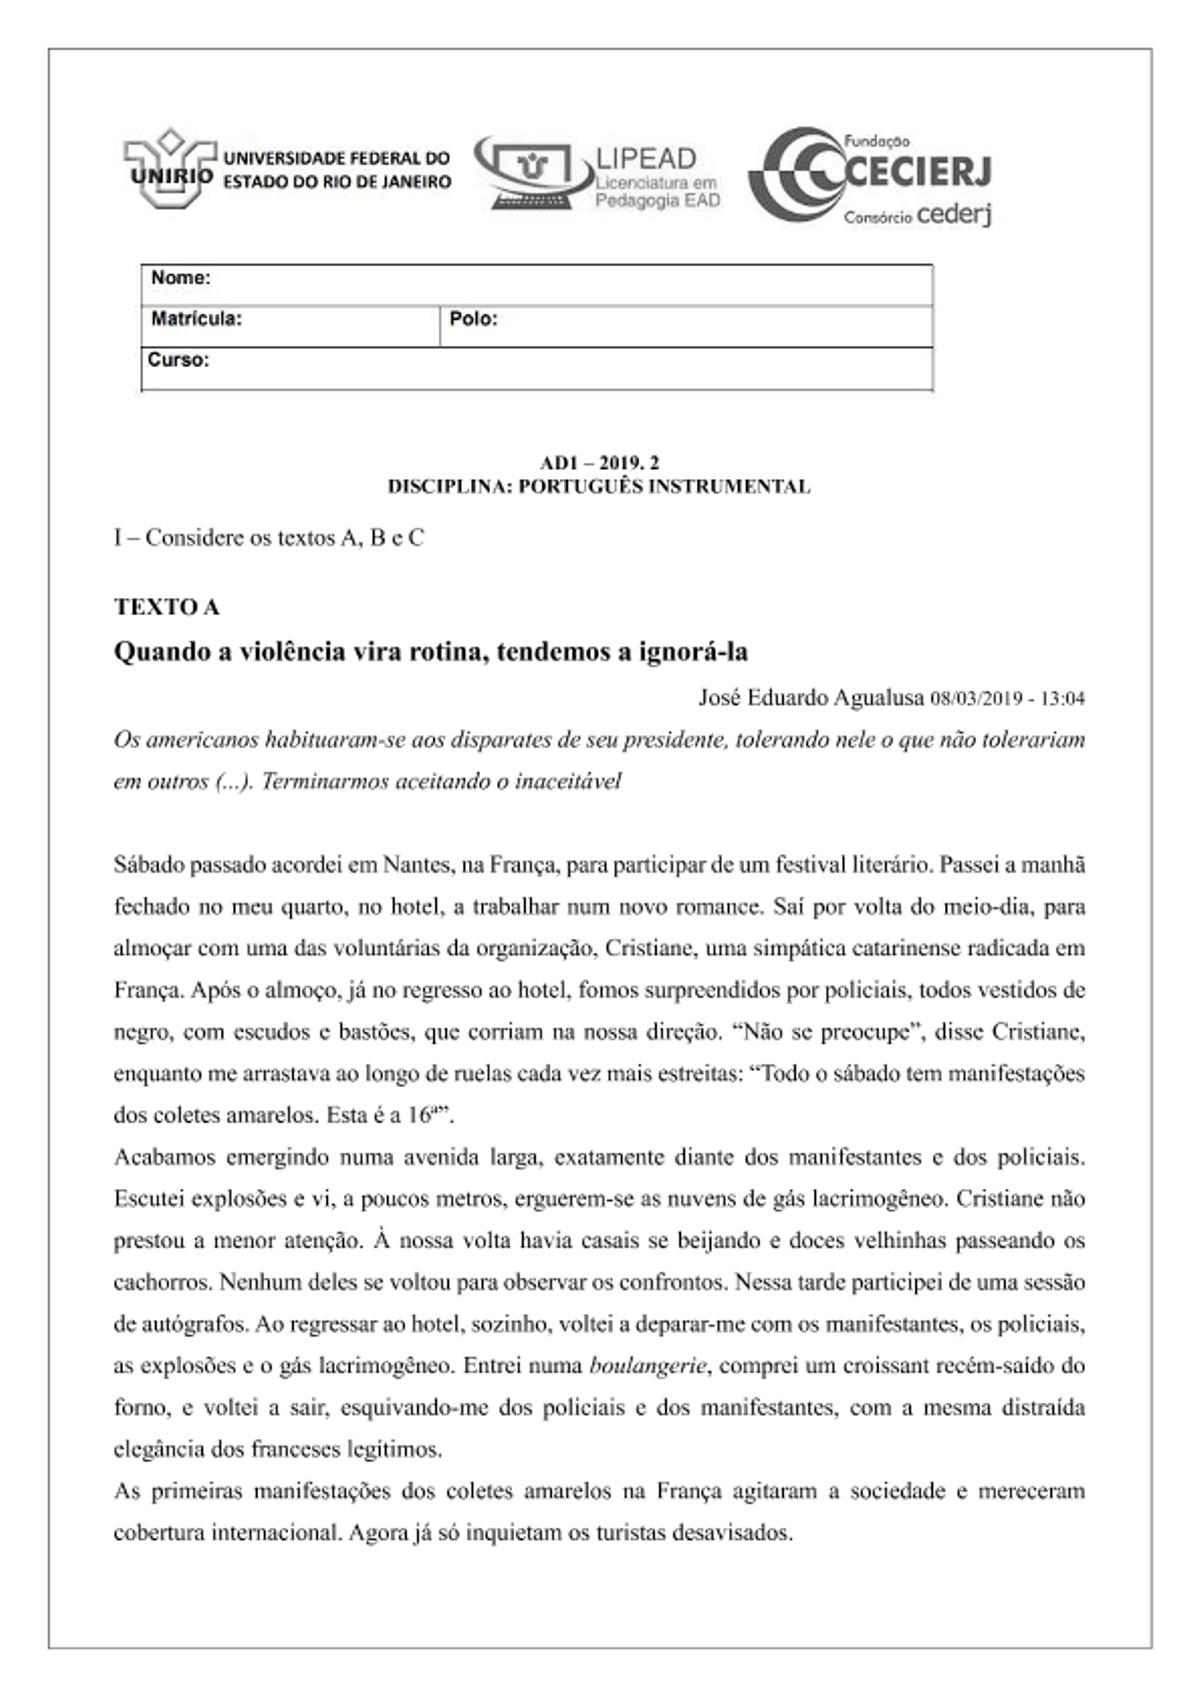 Pre-visualização do material AD1 Português Instrumental 2019.2 - CEDERJ/UNIRIO - página 1